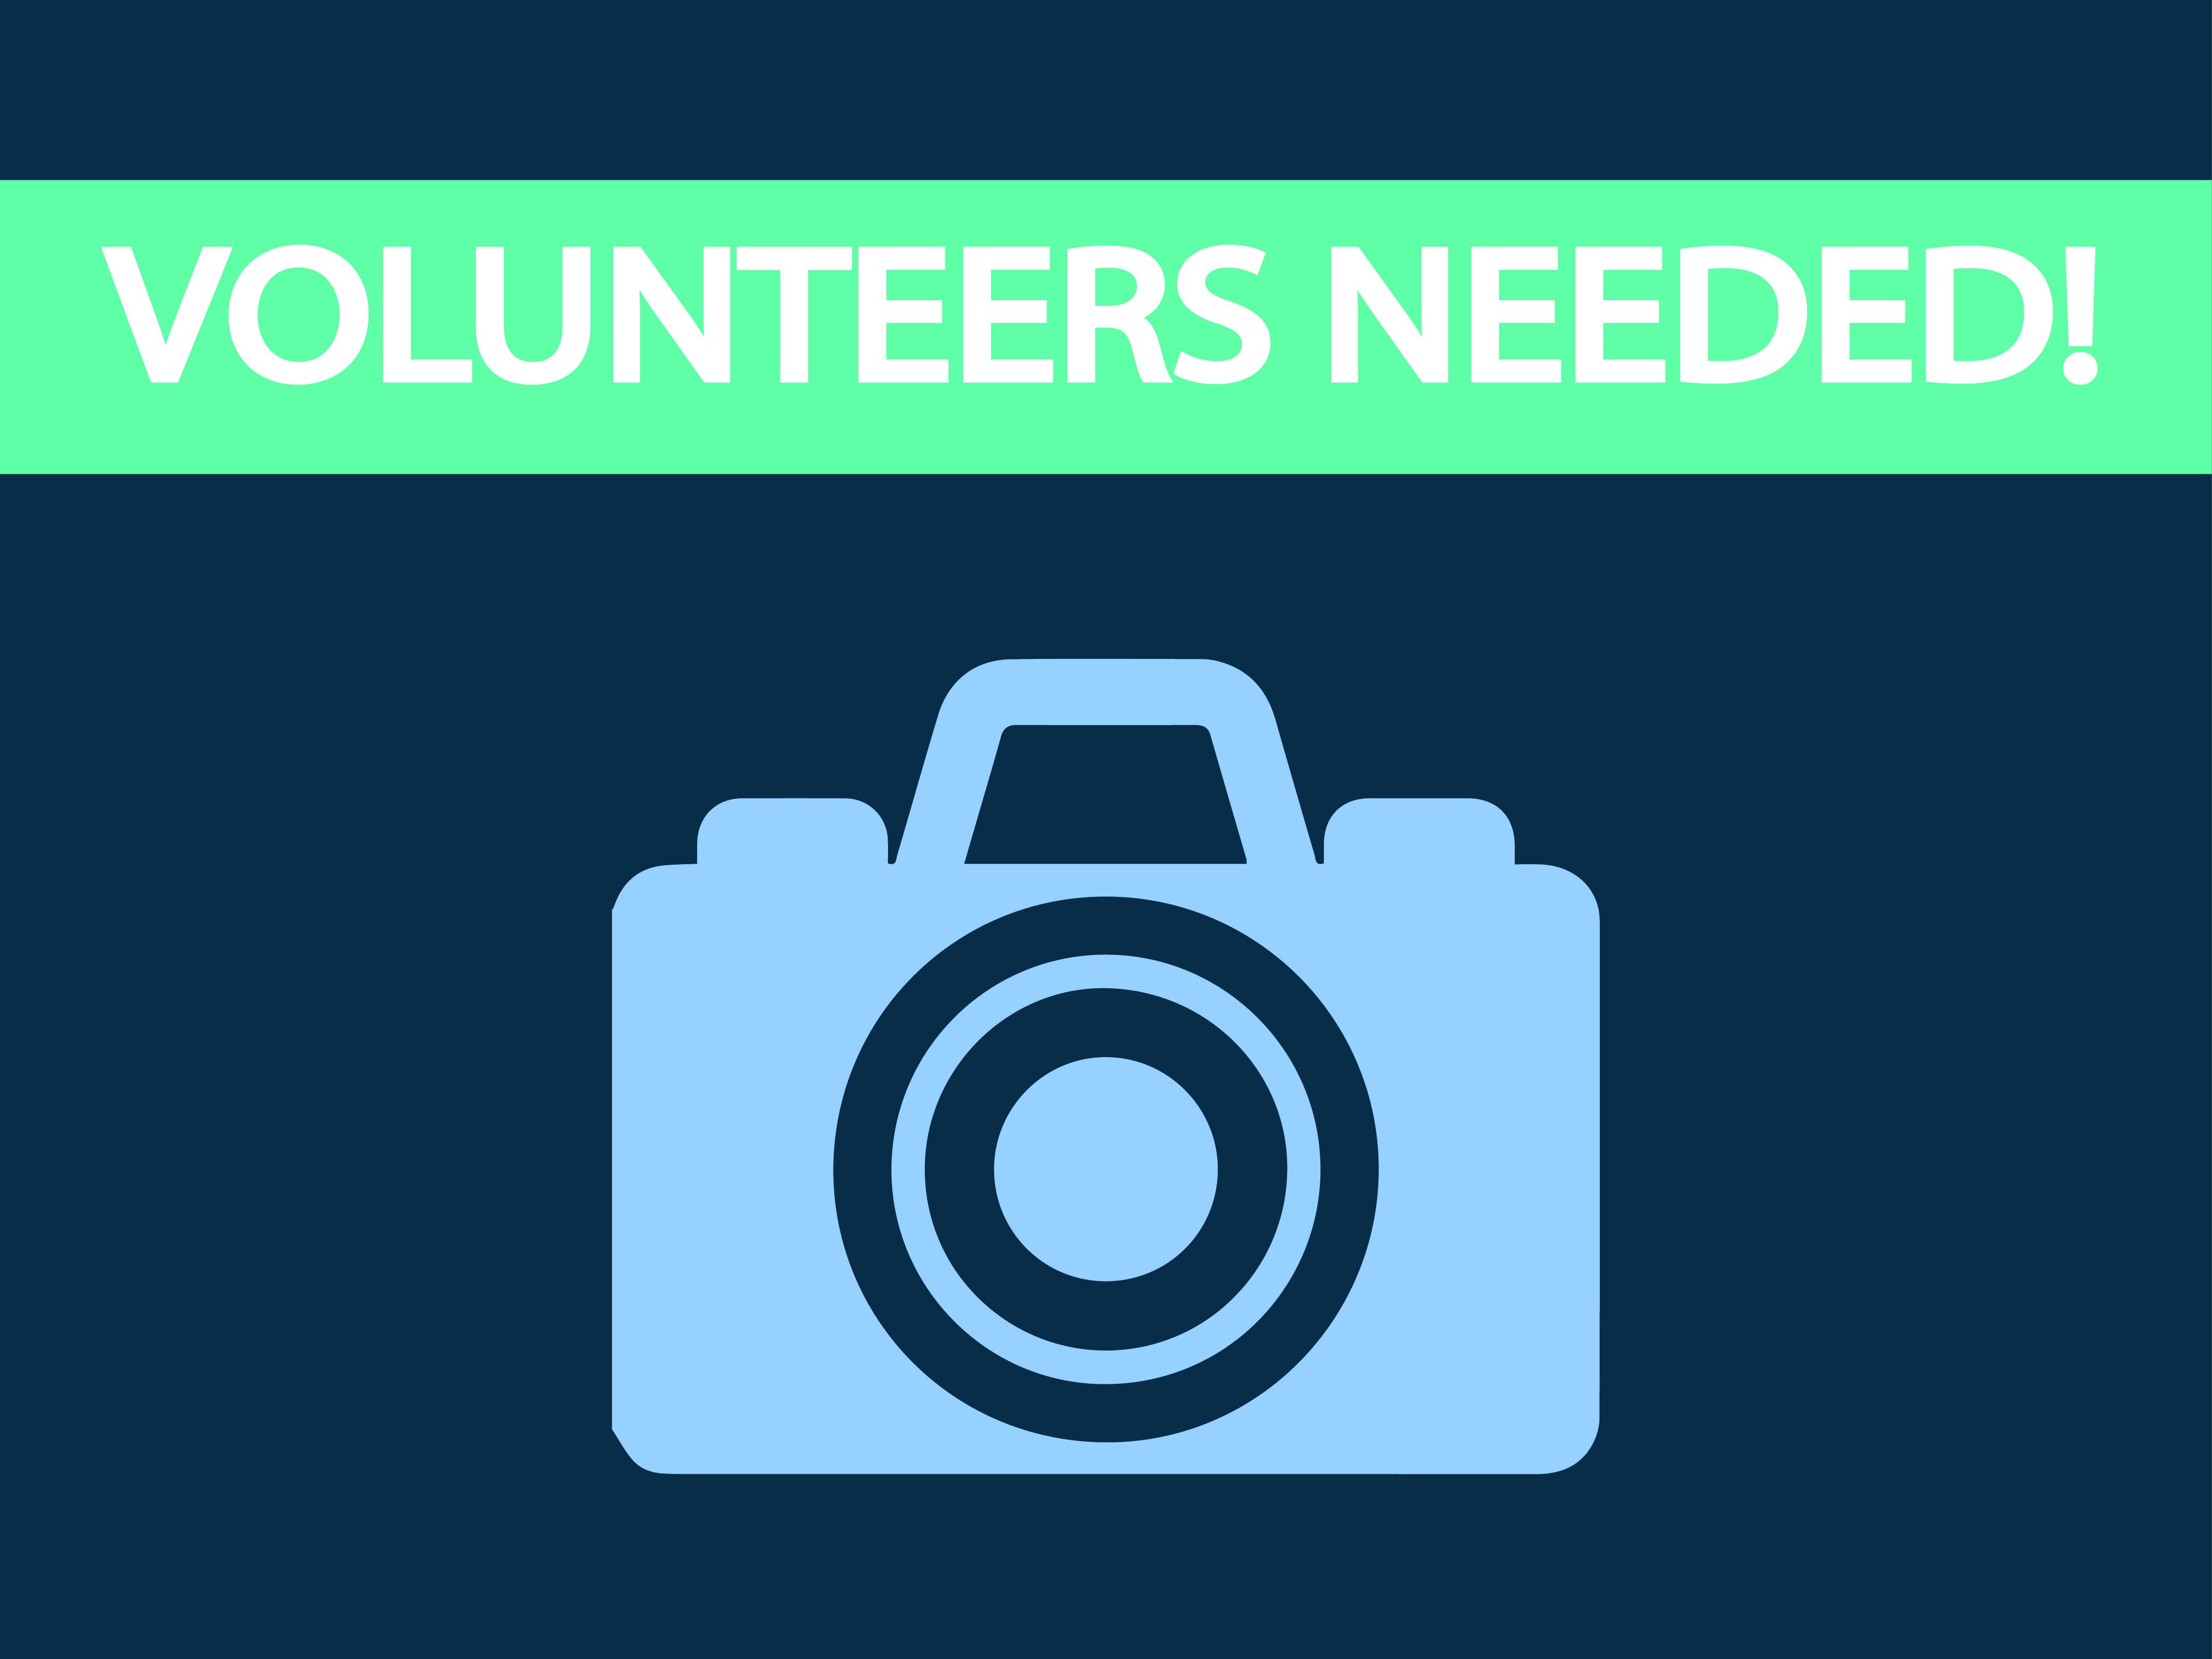 Volunteers needed graphic 01